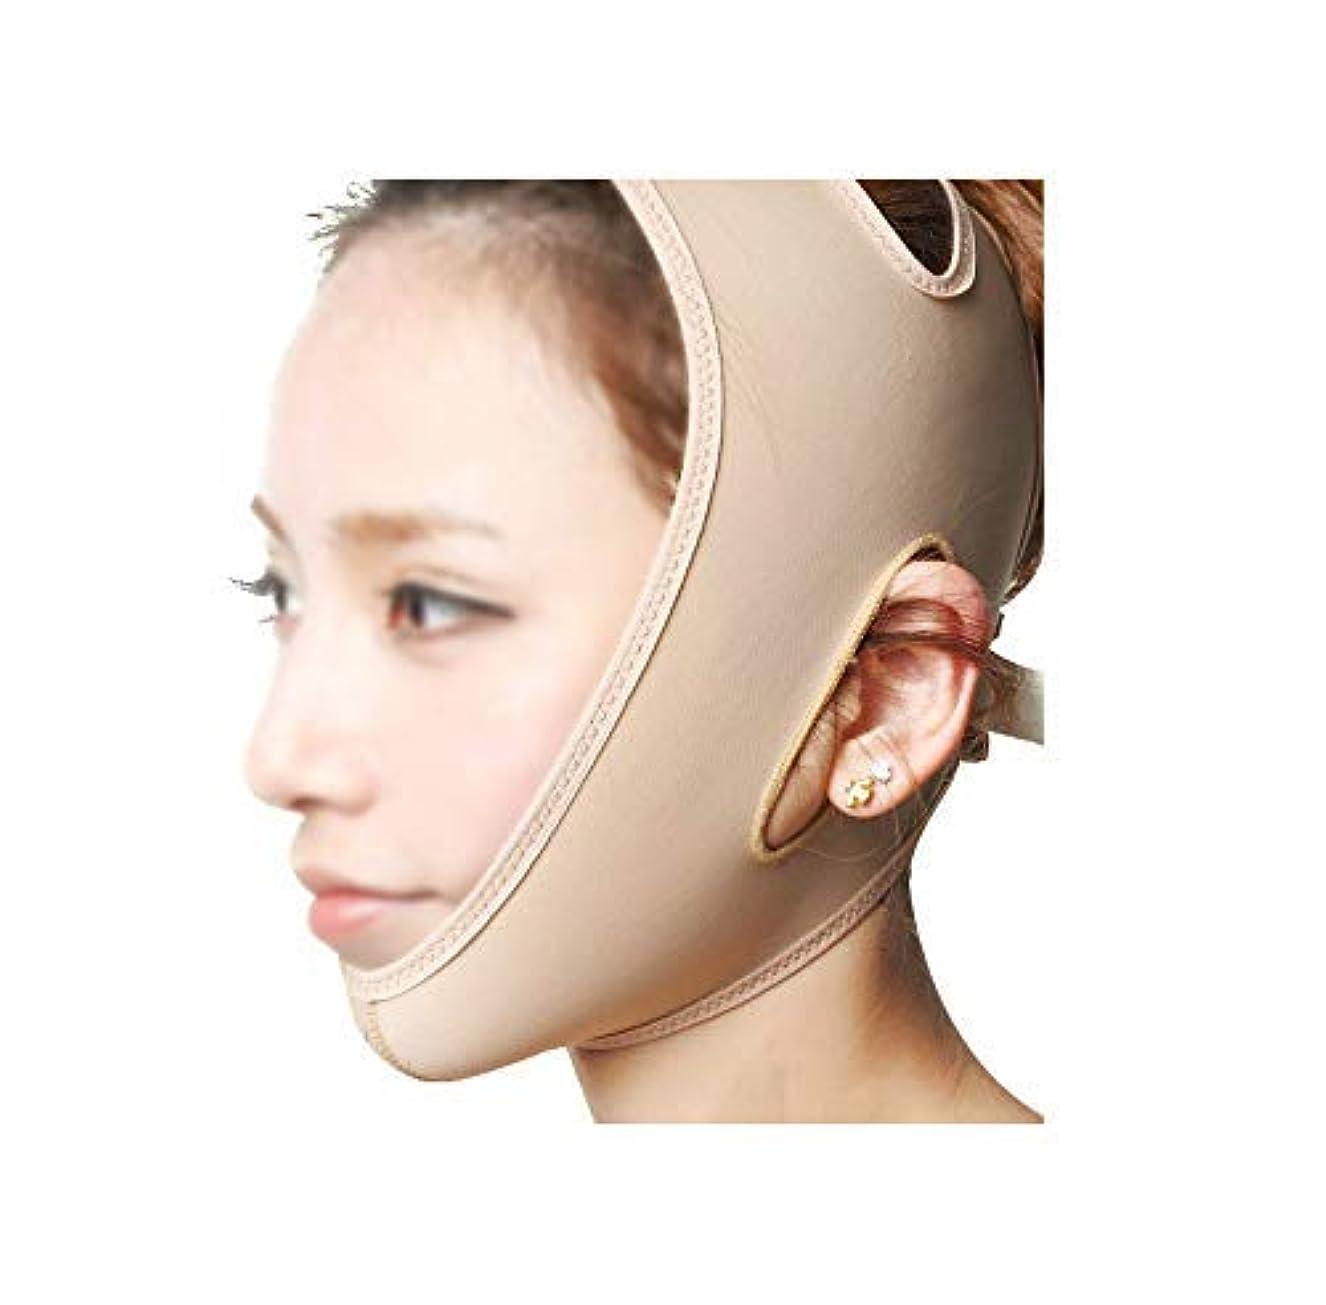 ノベルティ偉業どきどきフェイスリフティングバンデージ、フェイスマスク3Dパネルデザイン、通気性に優れたライクラ素材の物理的なVフェイス、美しい顔の輪郭の作成(サイズ:S),S